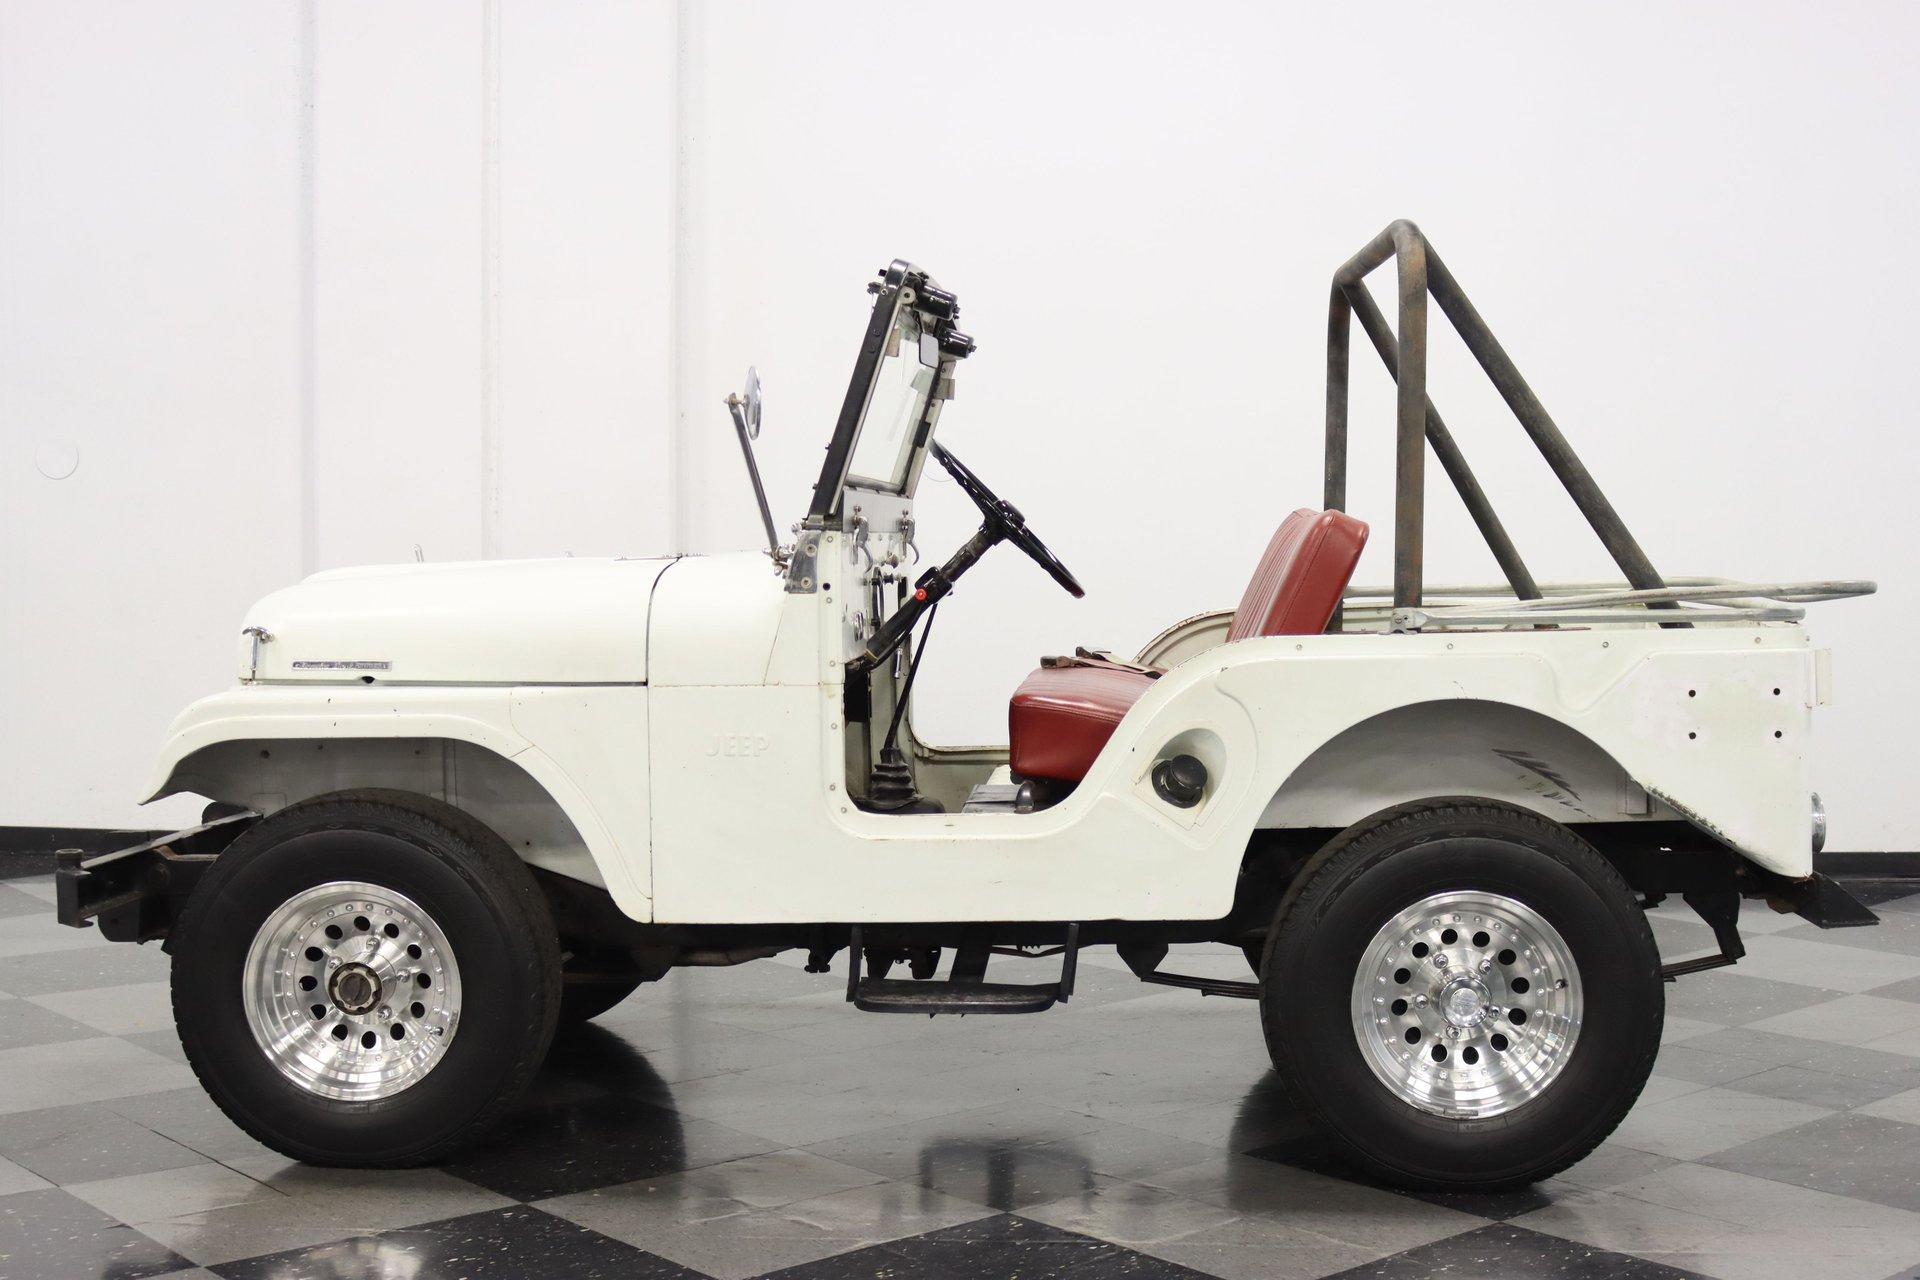 1965 jeep cj5 tuxedo park mark iv